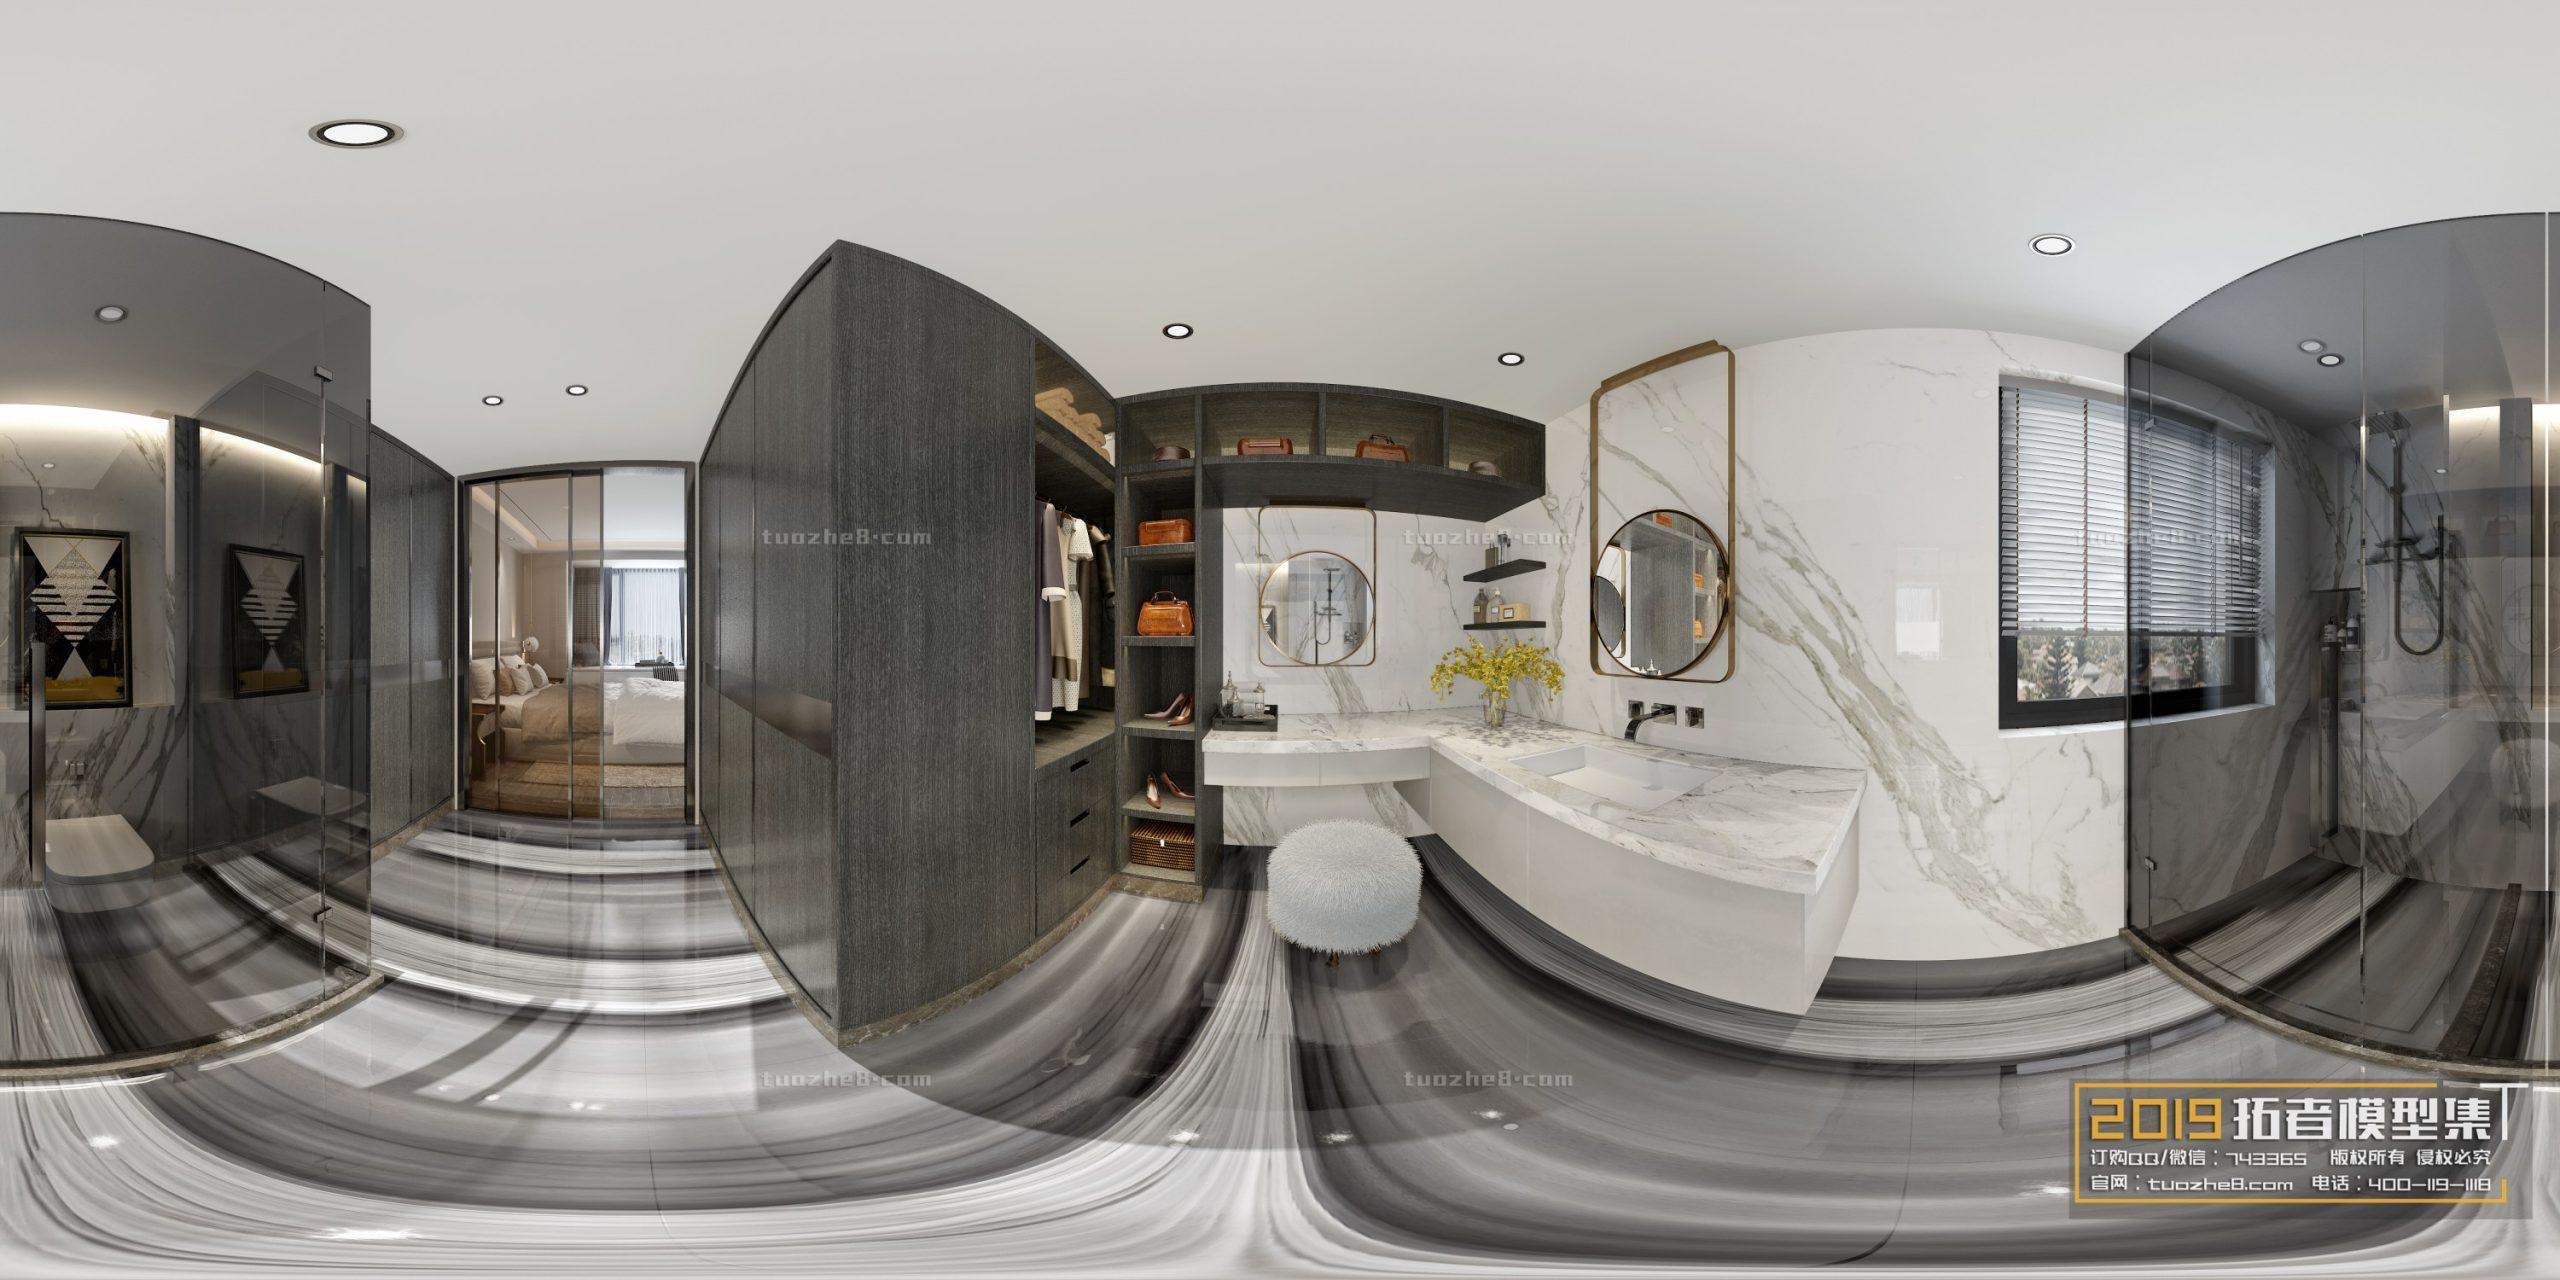 3DSKY FREE – BATHROOM – No.076